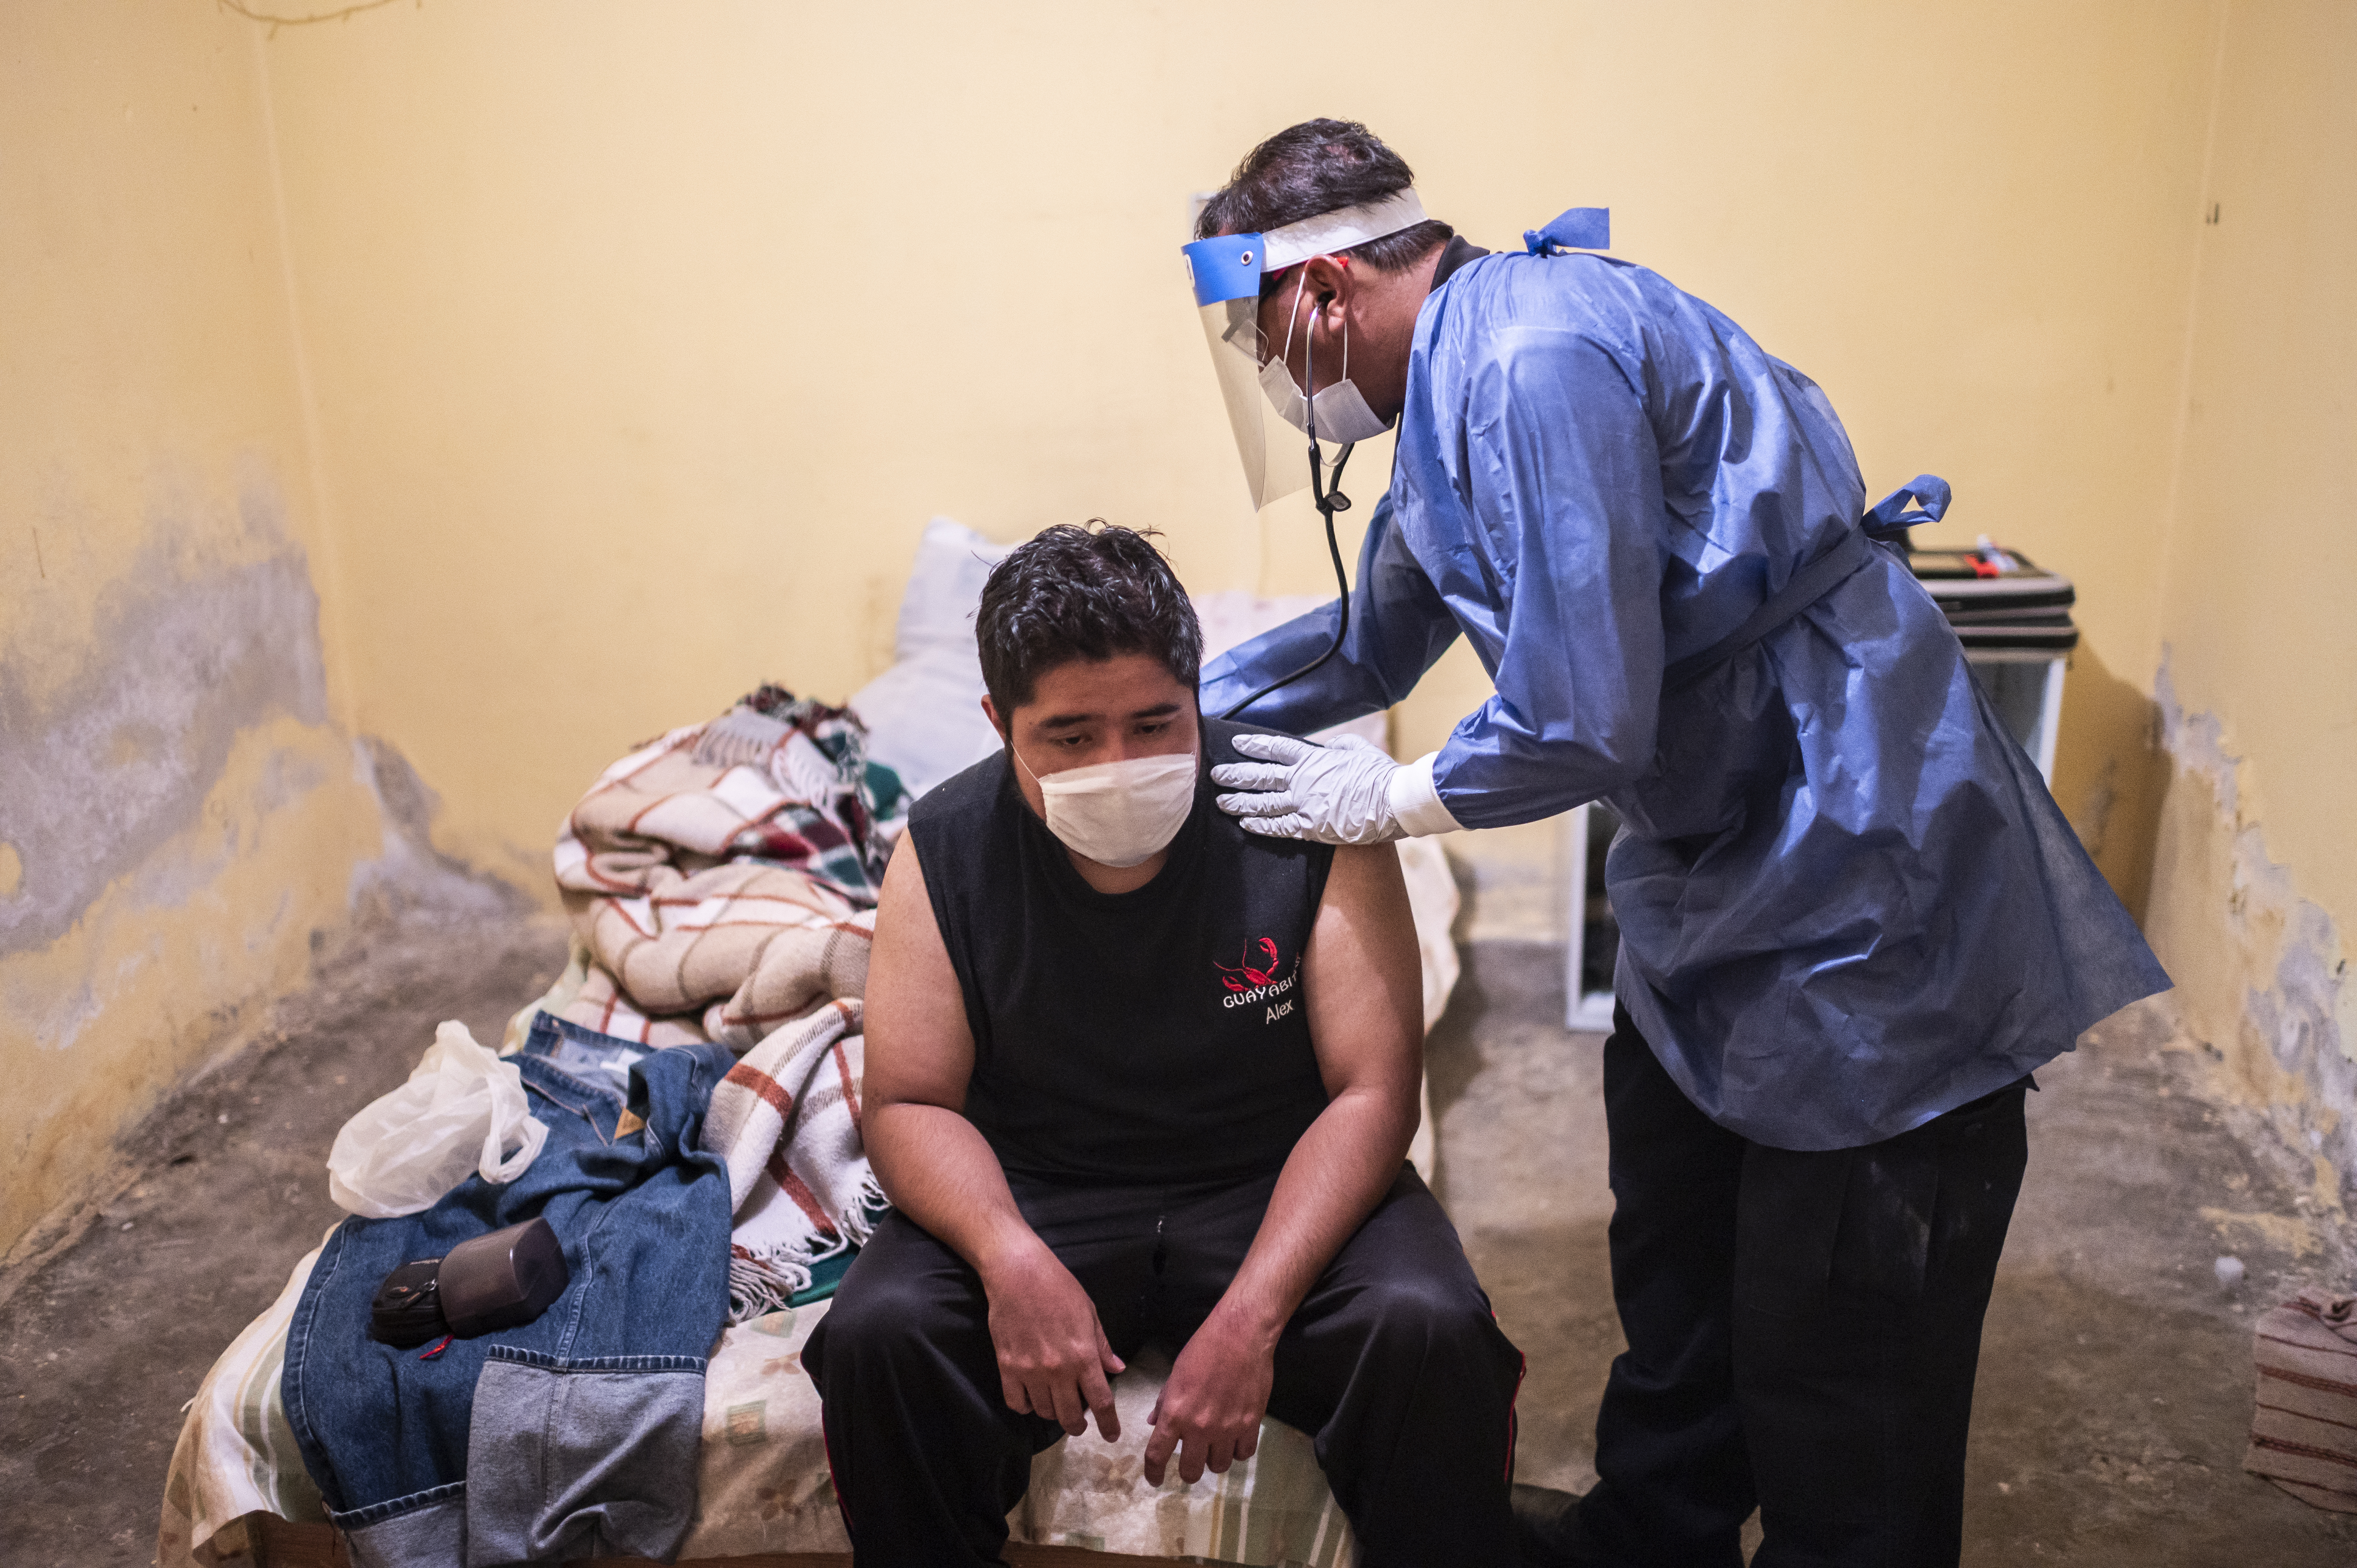 El paramédico Jorge Lino, de 52 años, examina a un hombre con síntomas de COVID-19, en Ciudad Nezahualcóyotl, Estado de México, México, el 22 de junio de 2020 durante la nueva pandemia de coronavirus. (Foto por Pedro PARDO / AFP)